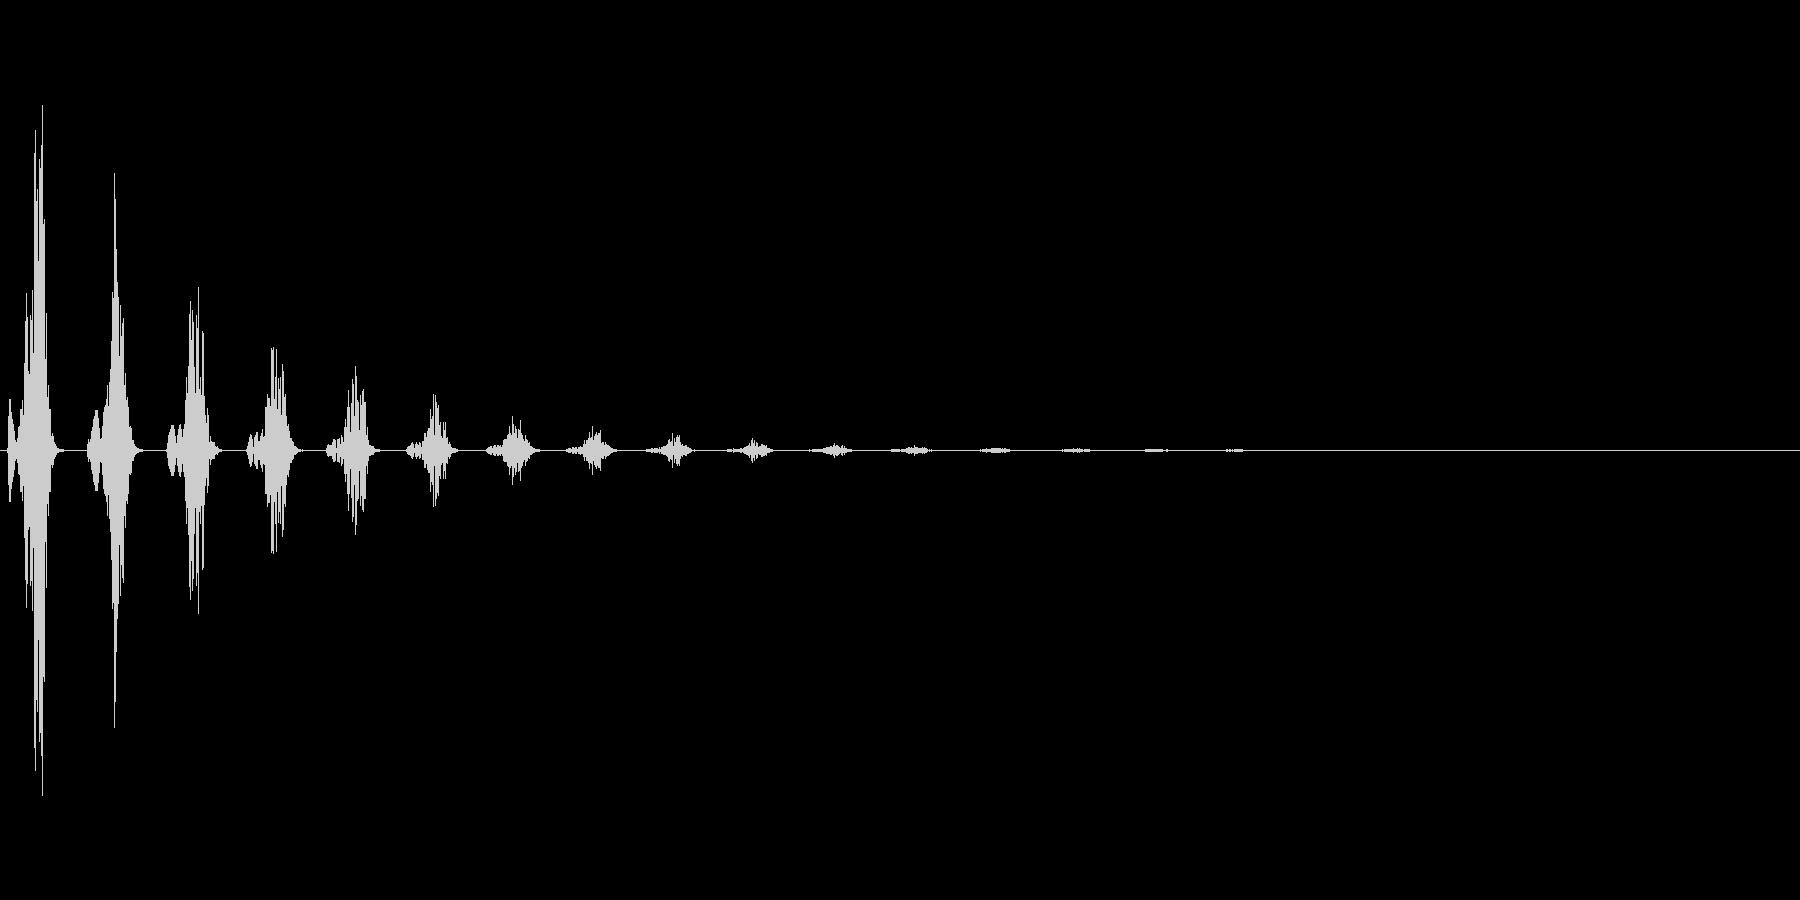 フワンフワン:想像するときの効果音ですの未再生の波形